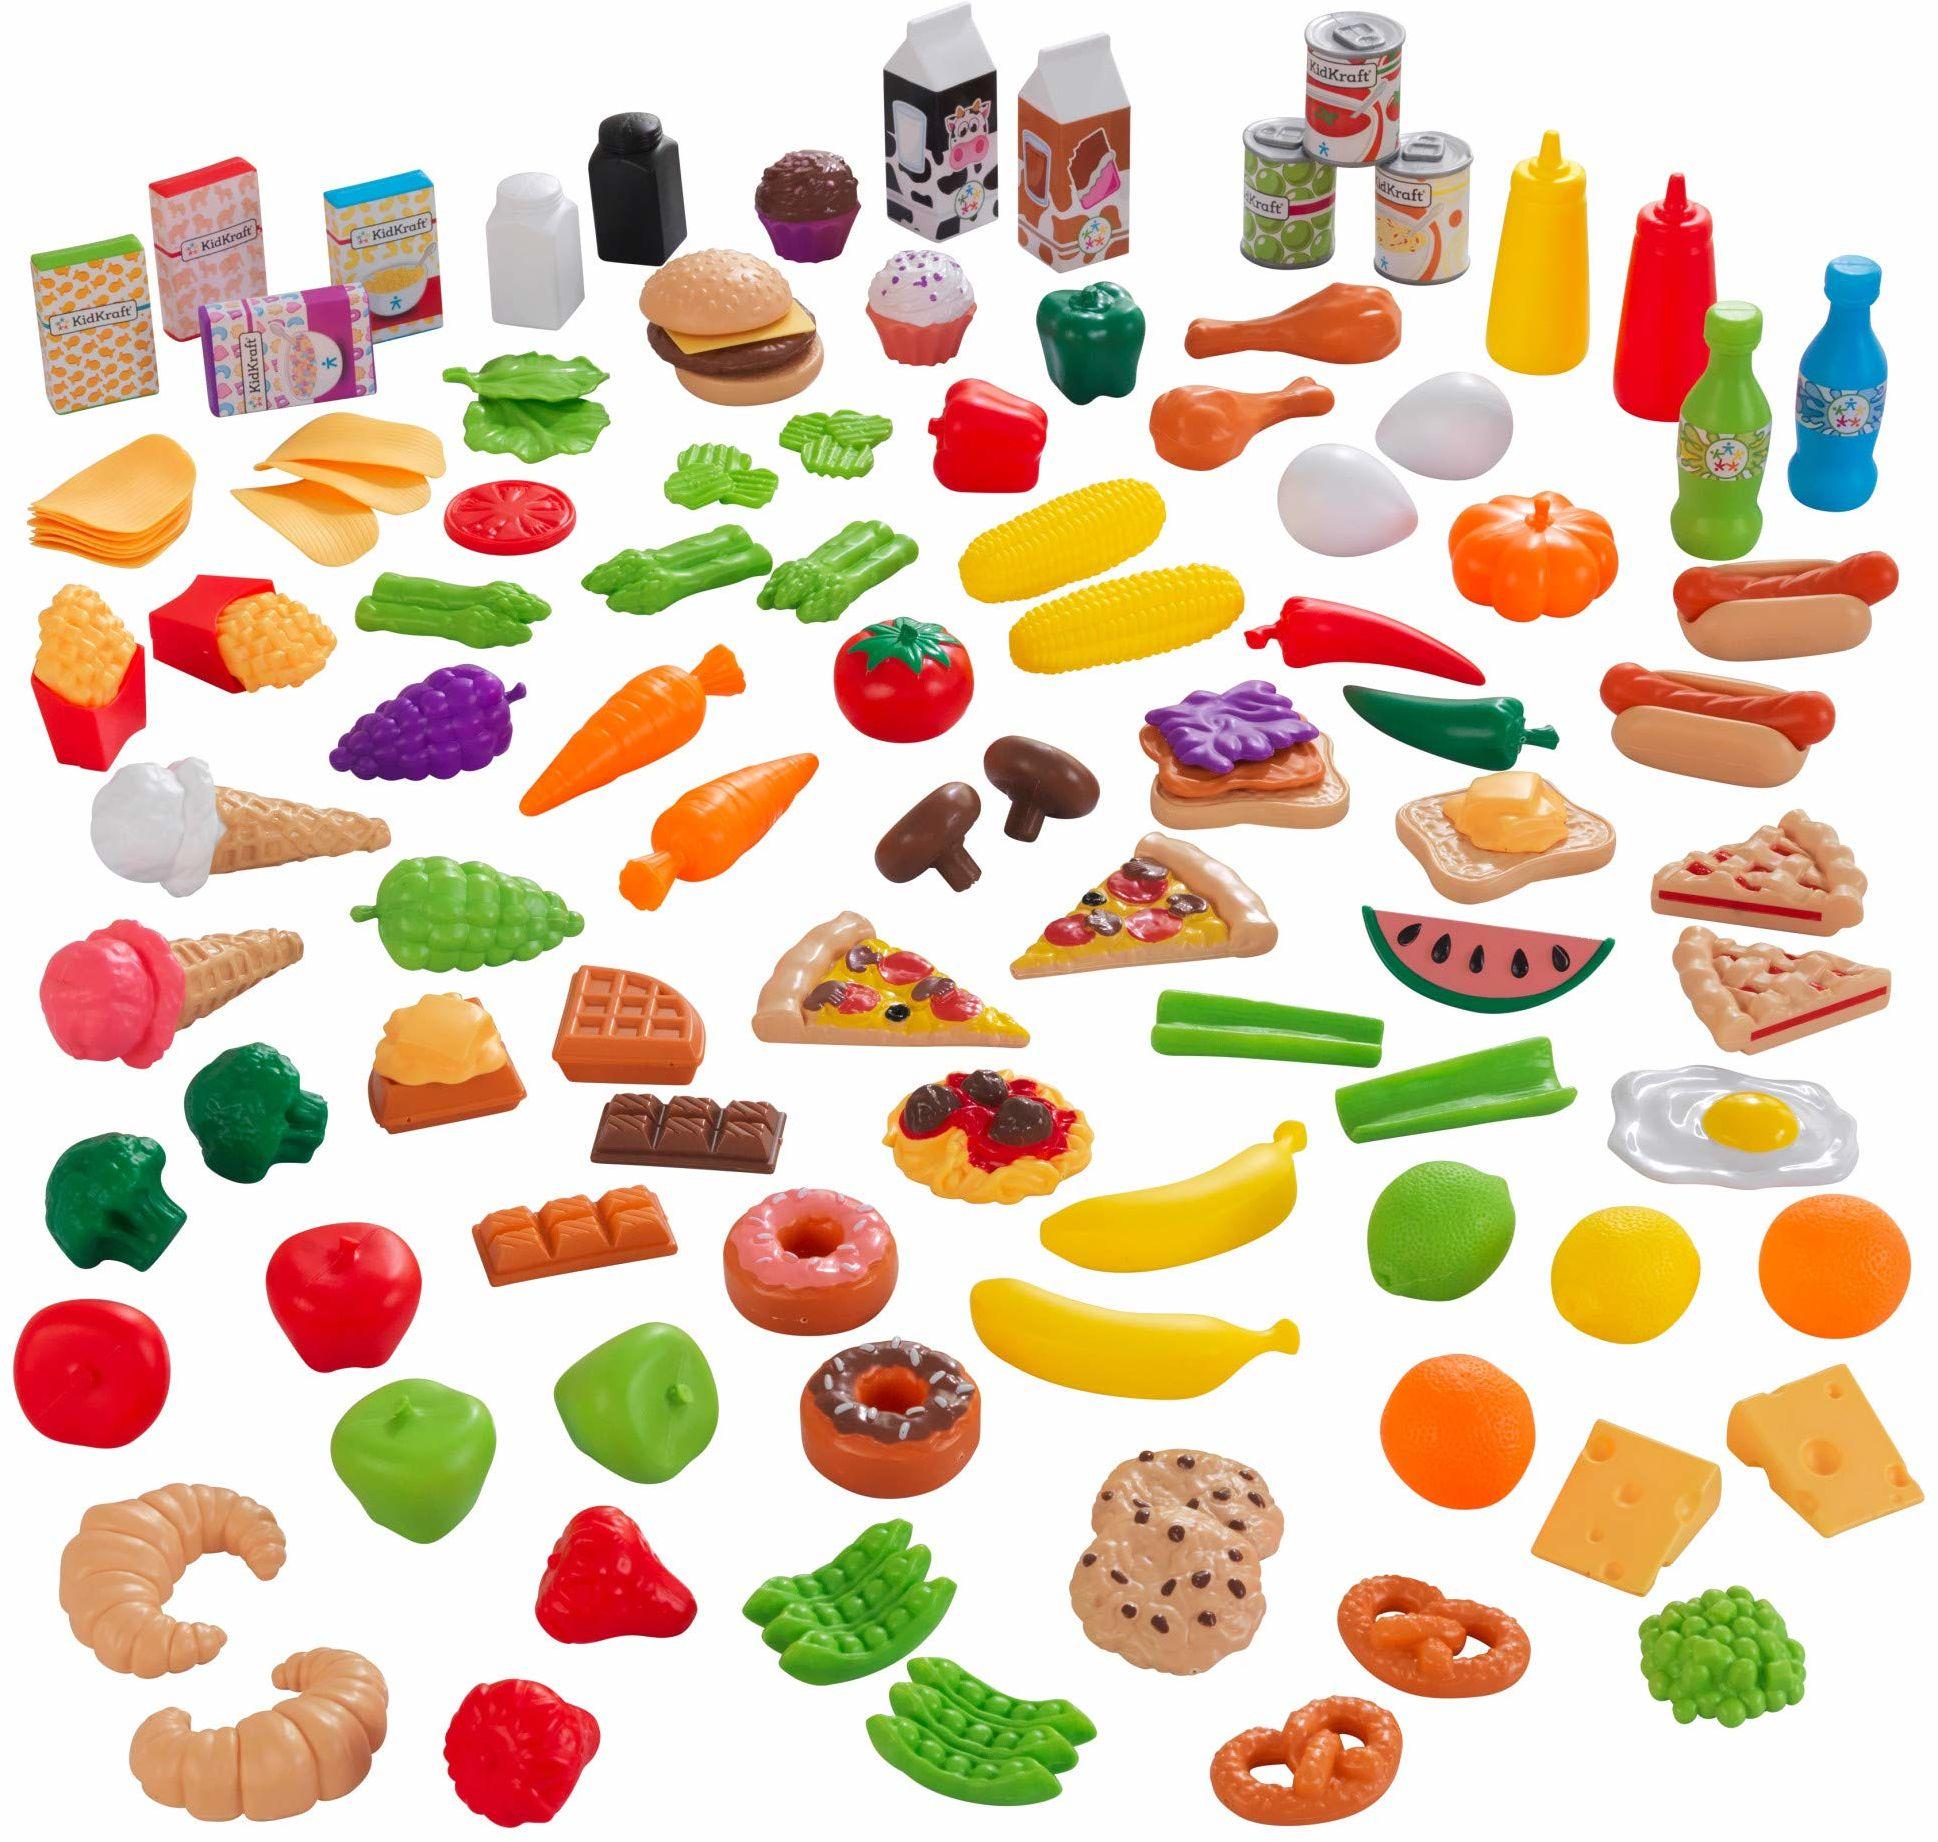 KidKraft 63330 Tasty Treats Deluxe 27-częściowy zestaw zabawek do żywności, kolorowy